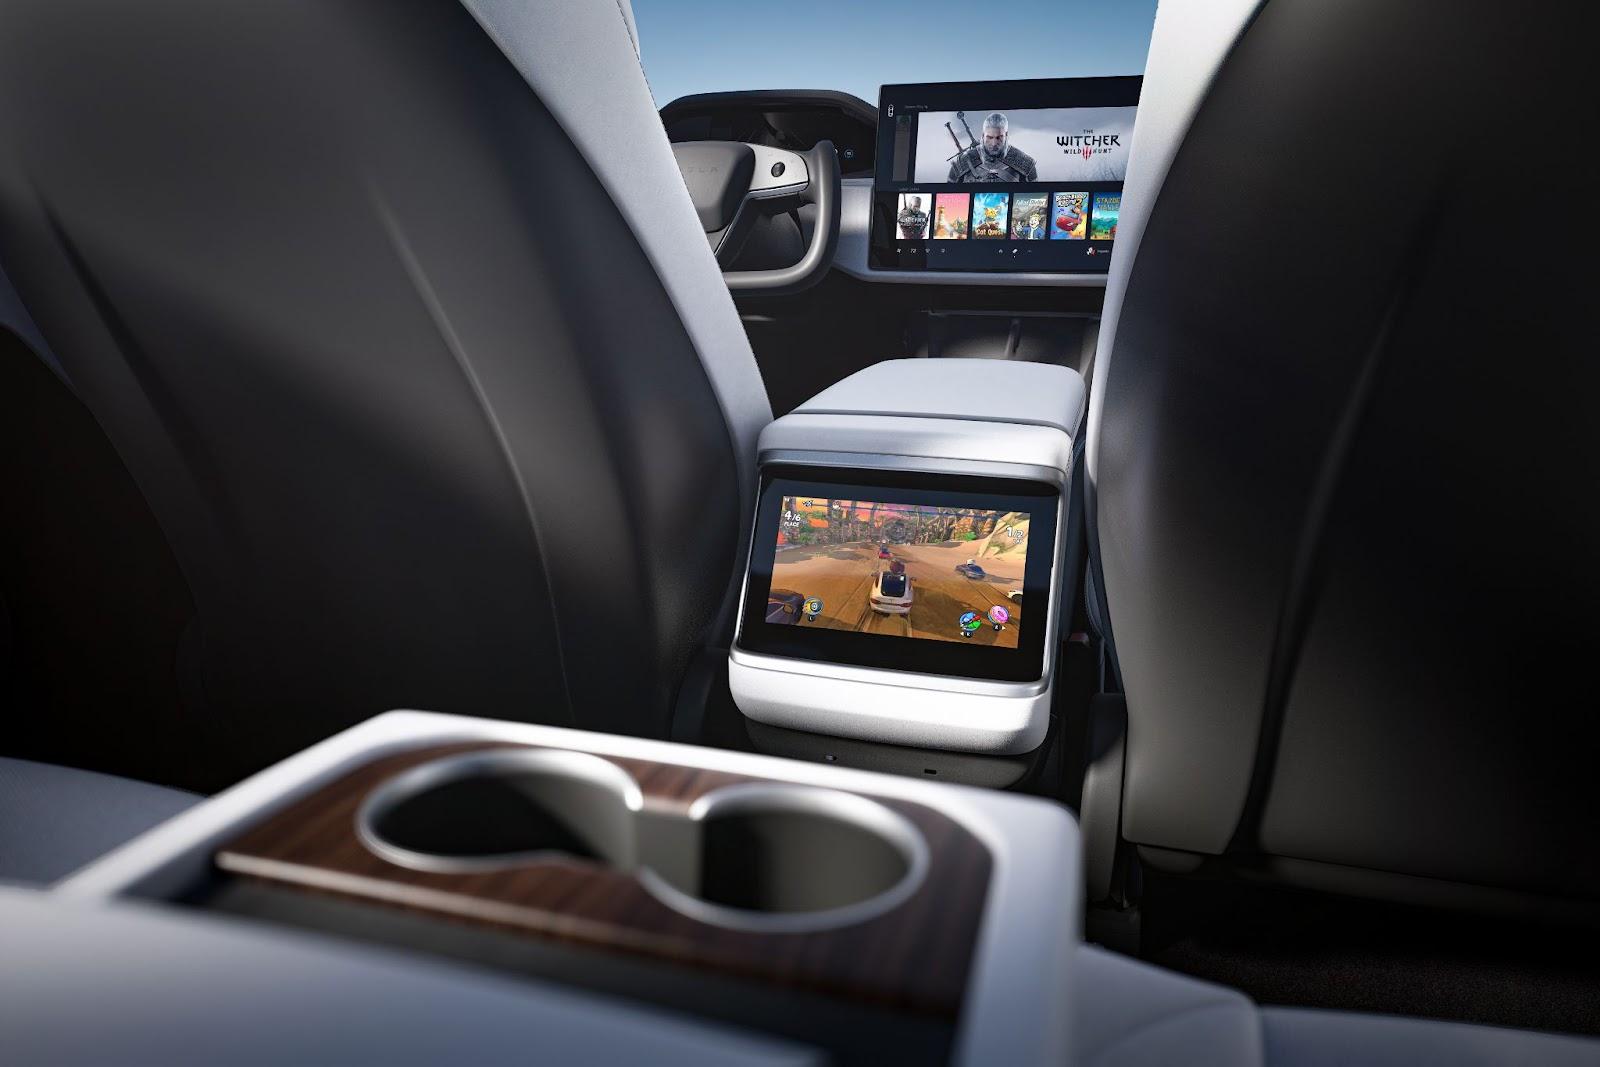 Trois écrans et volant Yoke de la voiture Tesla Model S Plaid